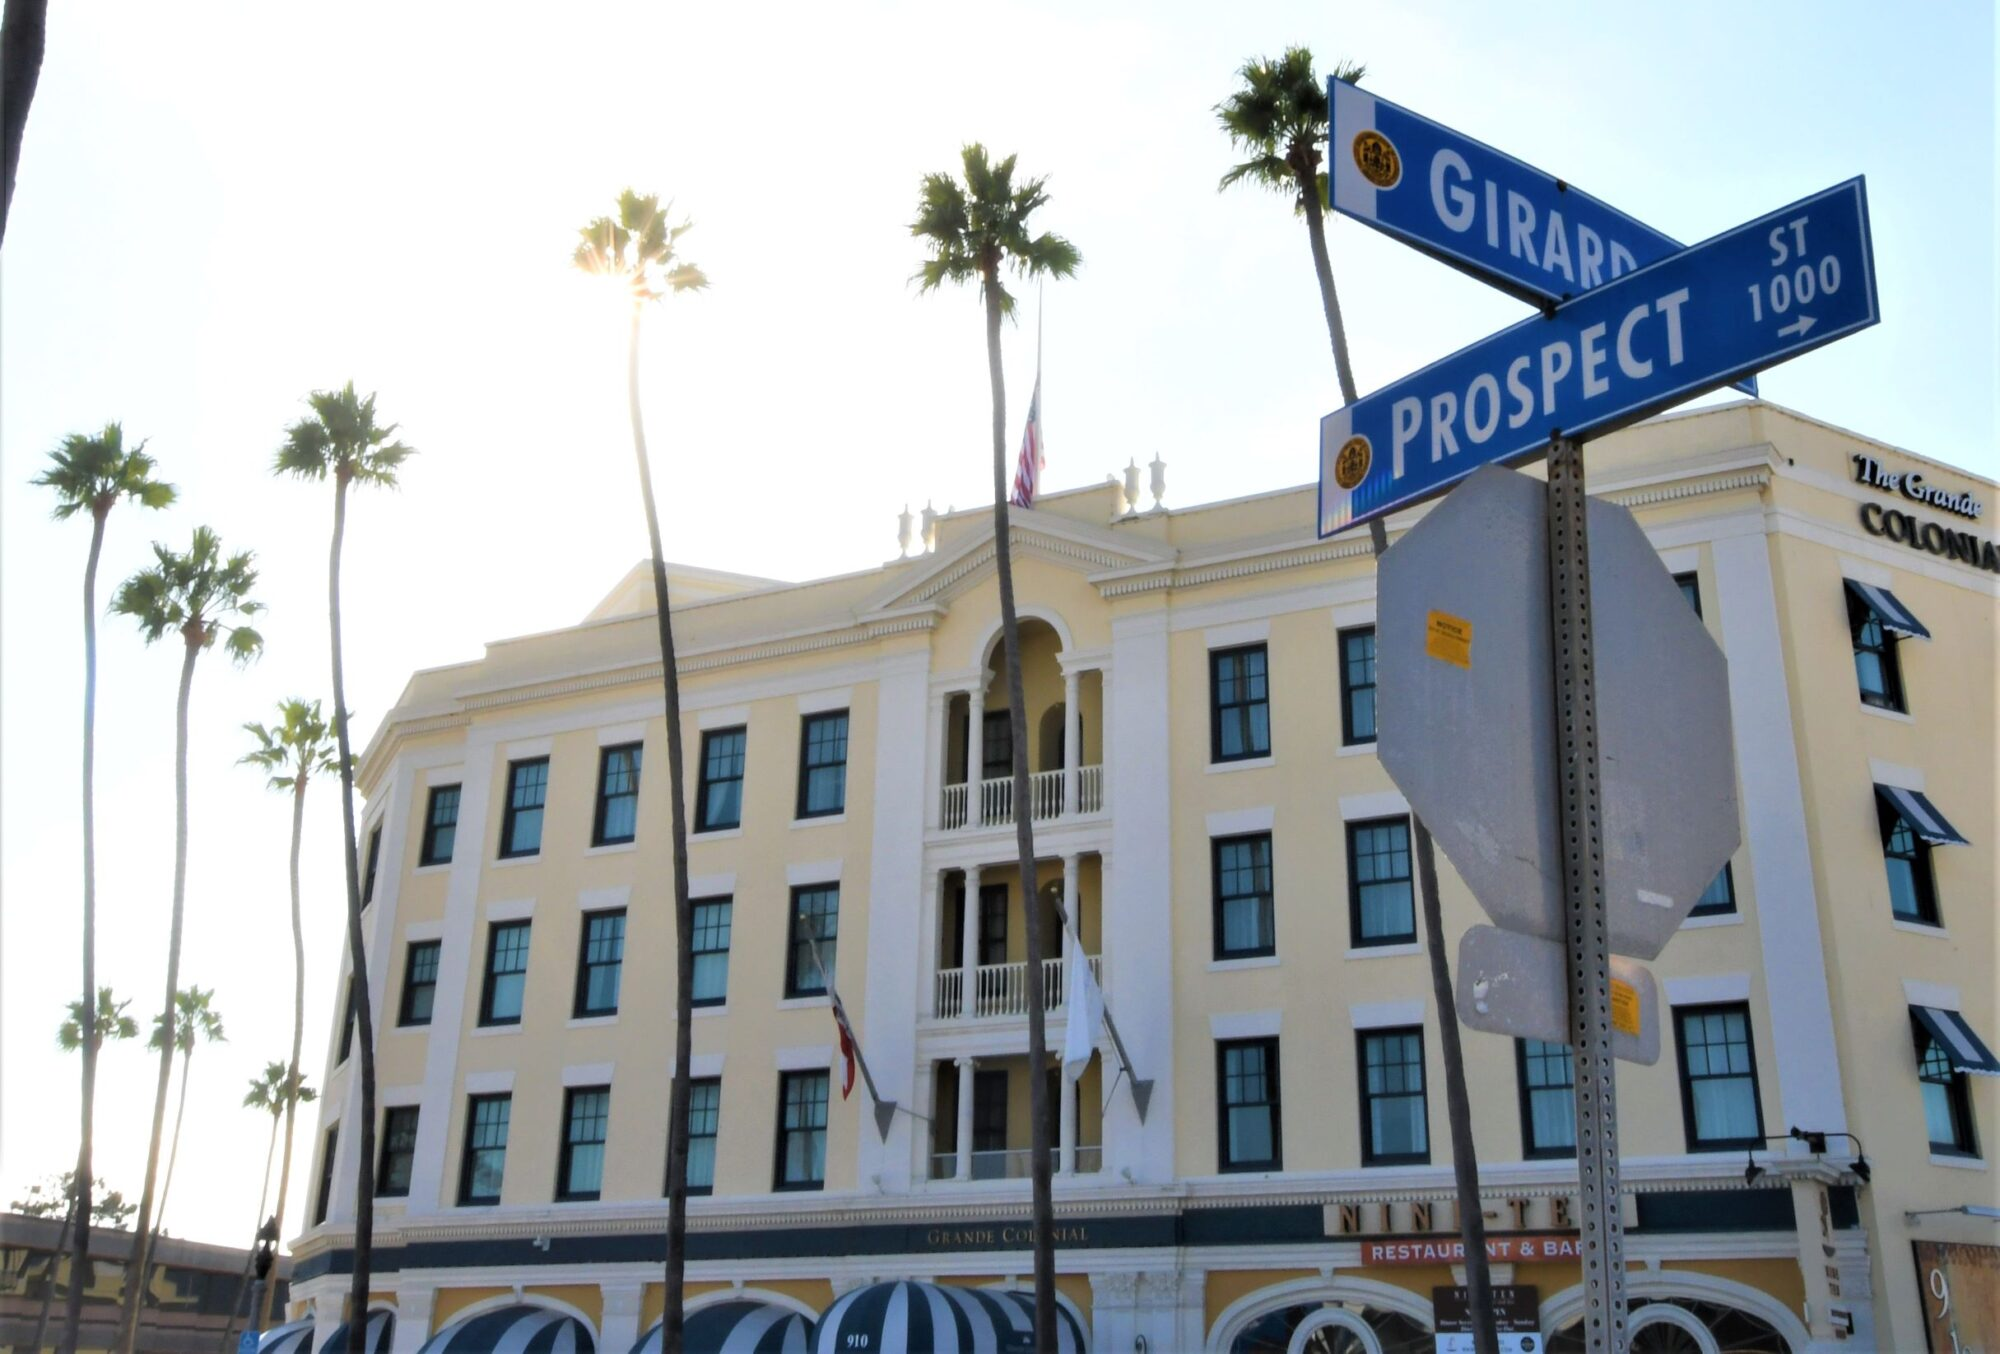 Grand Colonial Hotel, La Jolla, CA